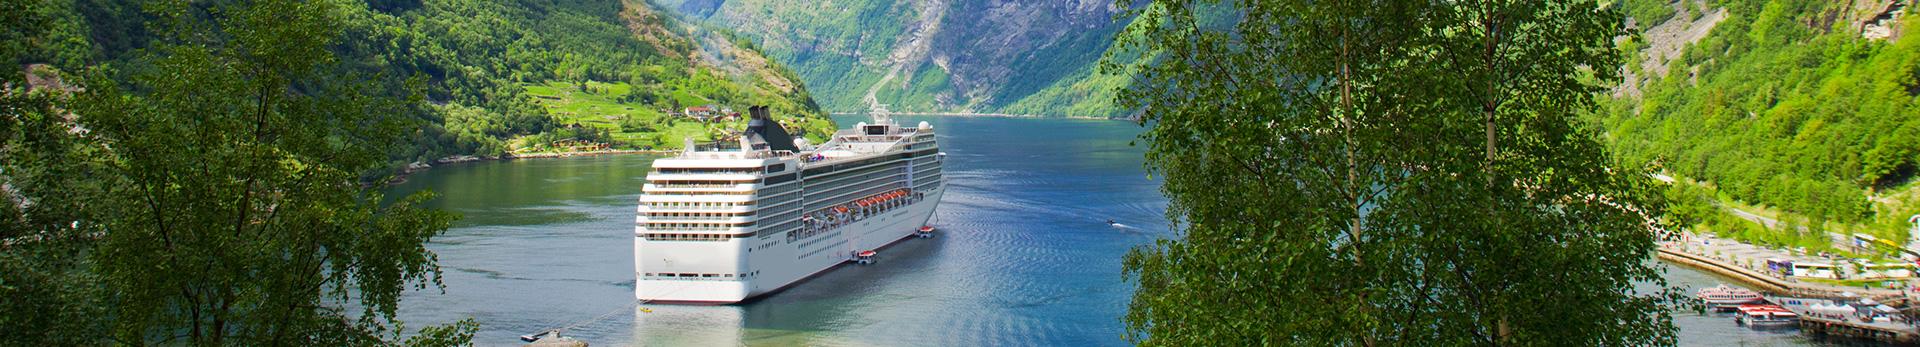 cruise-gemi-turlari